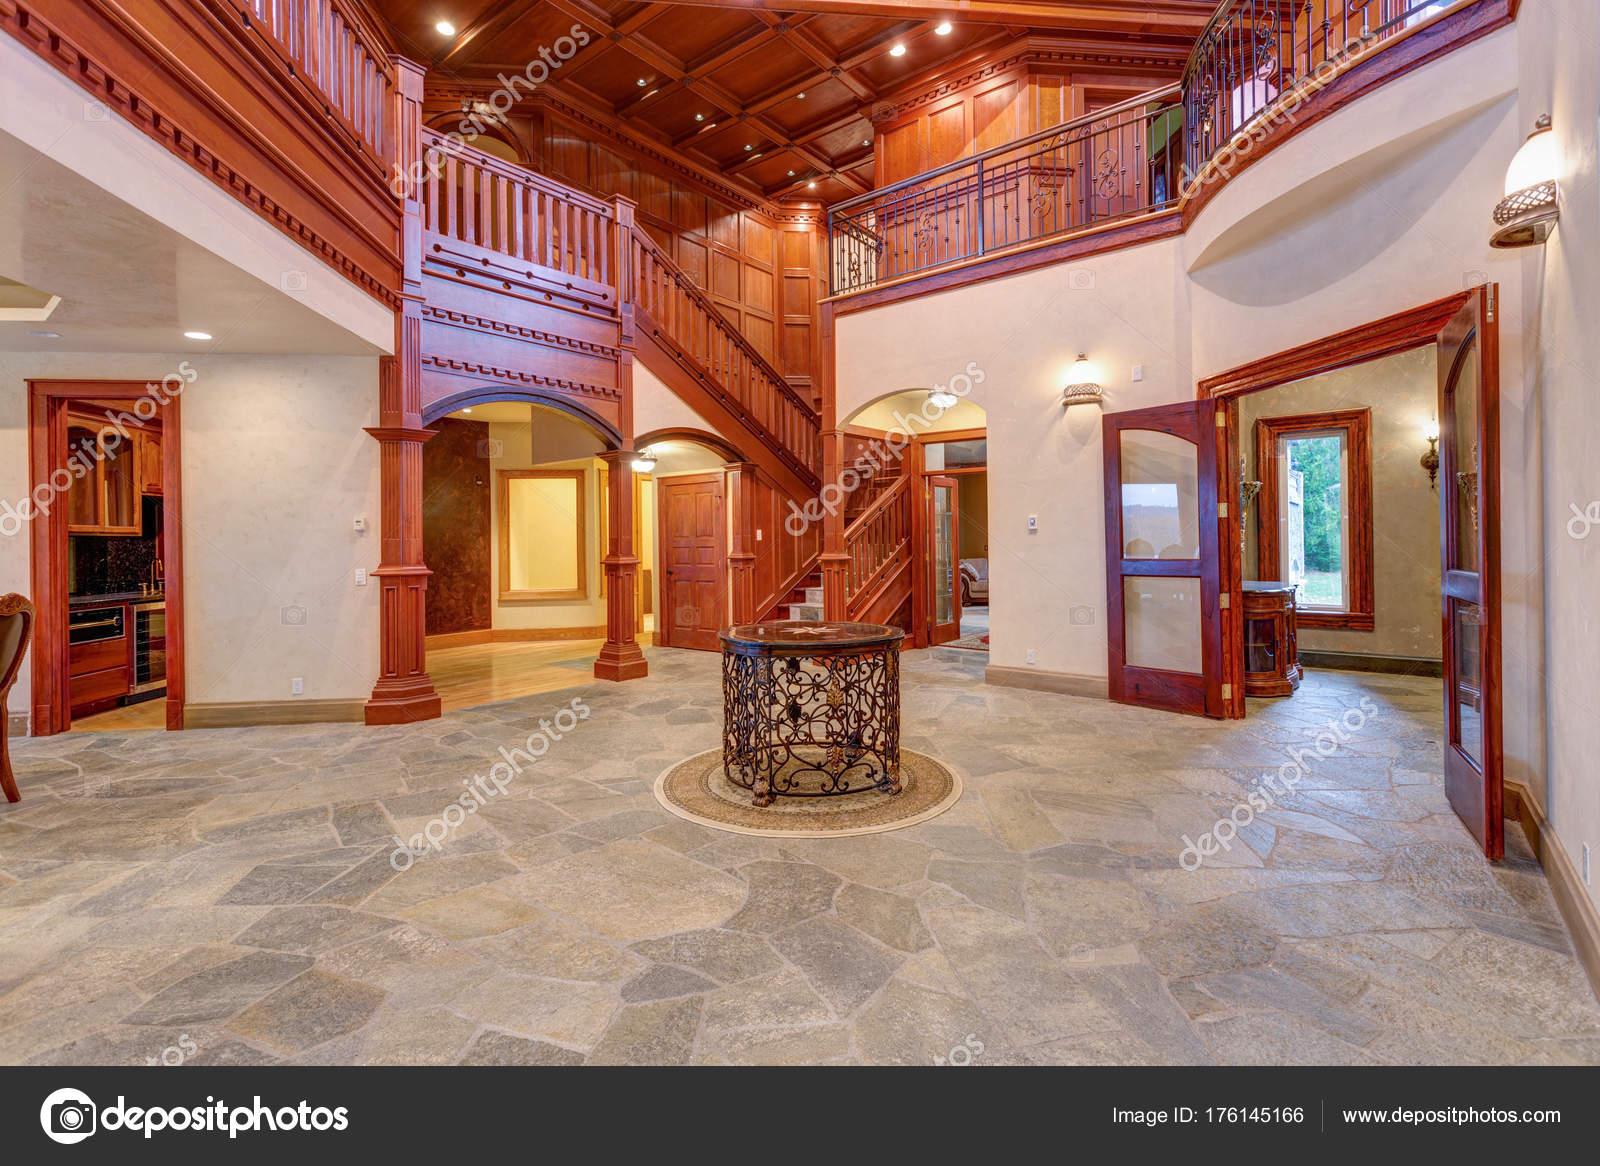 Pareti Ricoperte Di Legno : Splendido matrimonio sede con legno pareti rivestite u foto stock